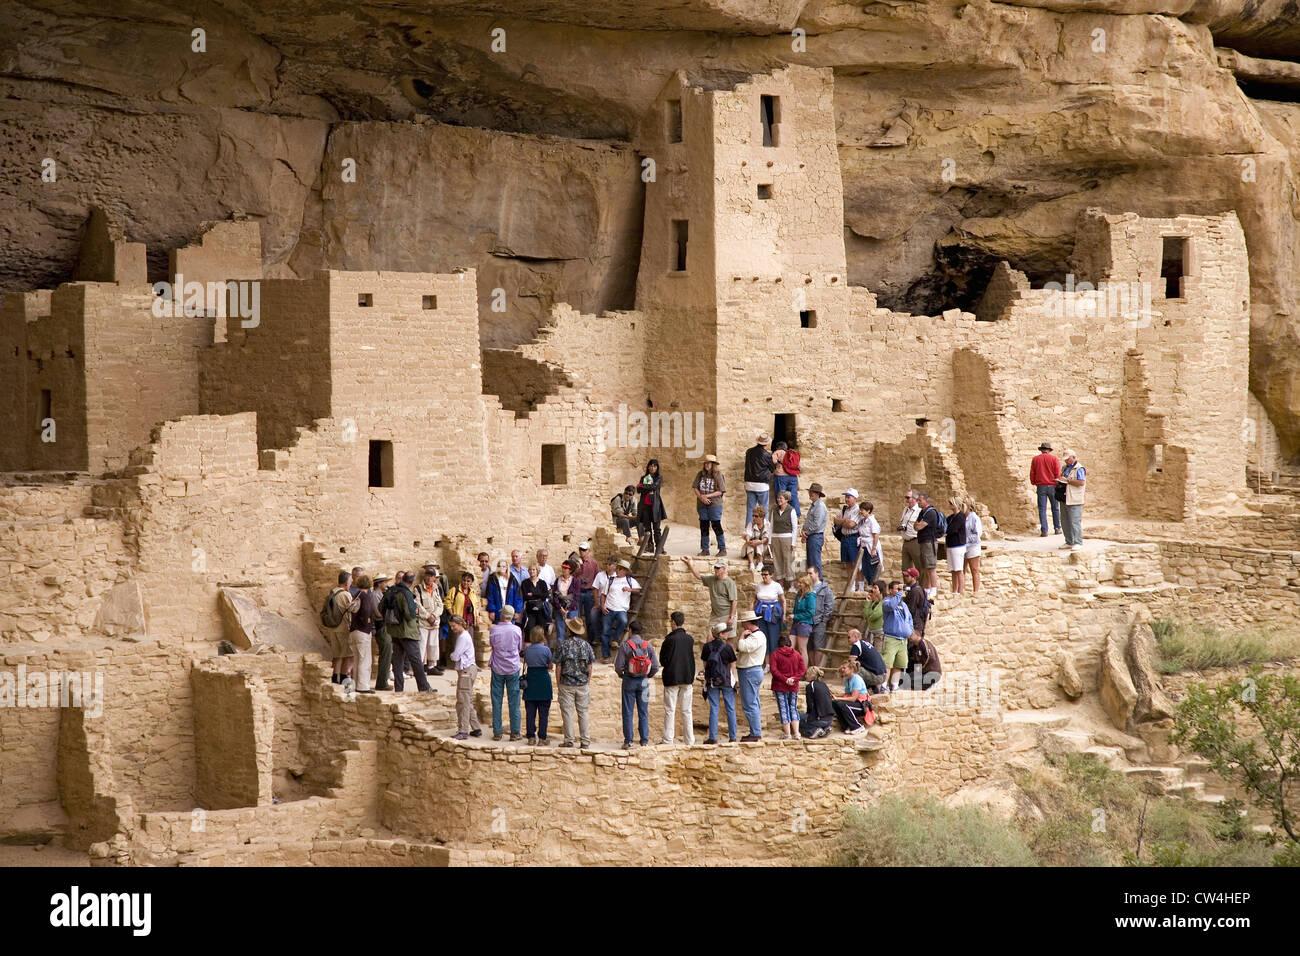 Affichage des touristes kiva Cliff Palace logement falaise ruine indiennes en Amérique du Nord dans le sud-ouest Banque D'Images